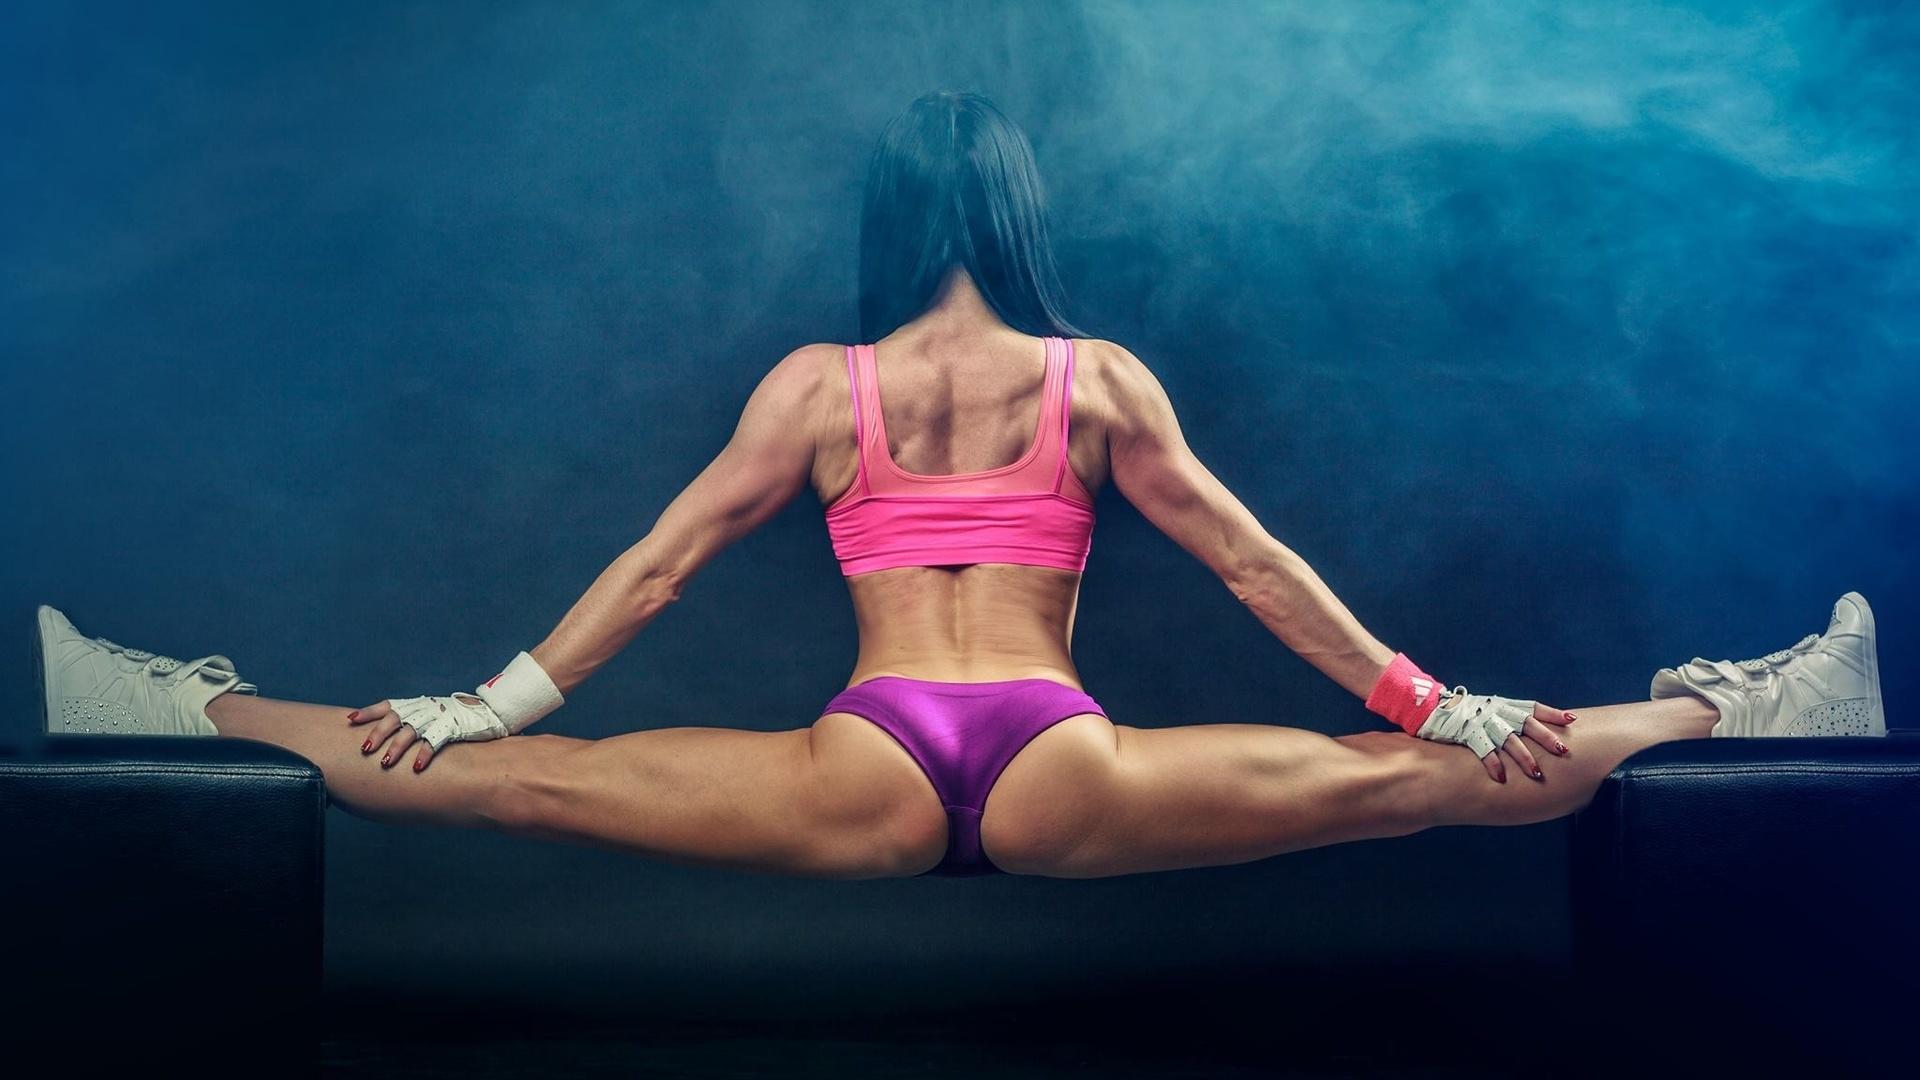 Мотивирующие спортивные картинки для девушек